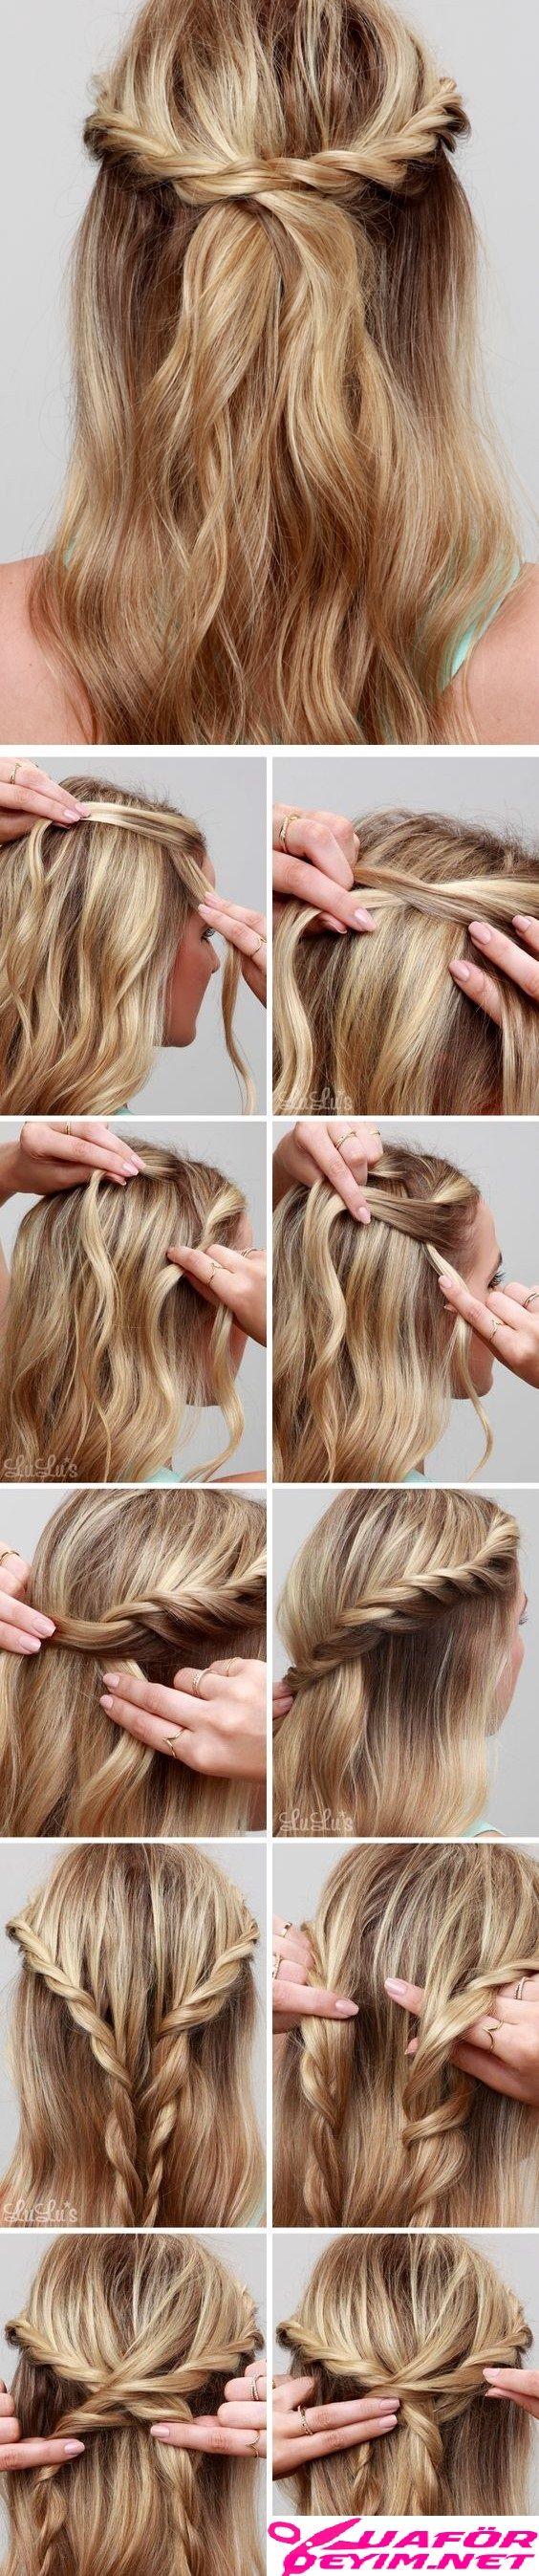 Kolay Saç Örgü Modelleri